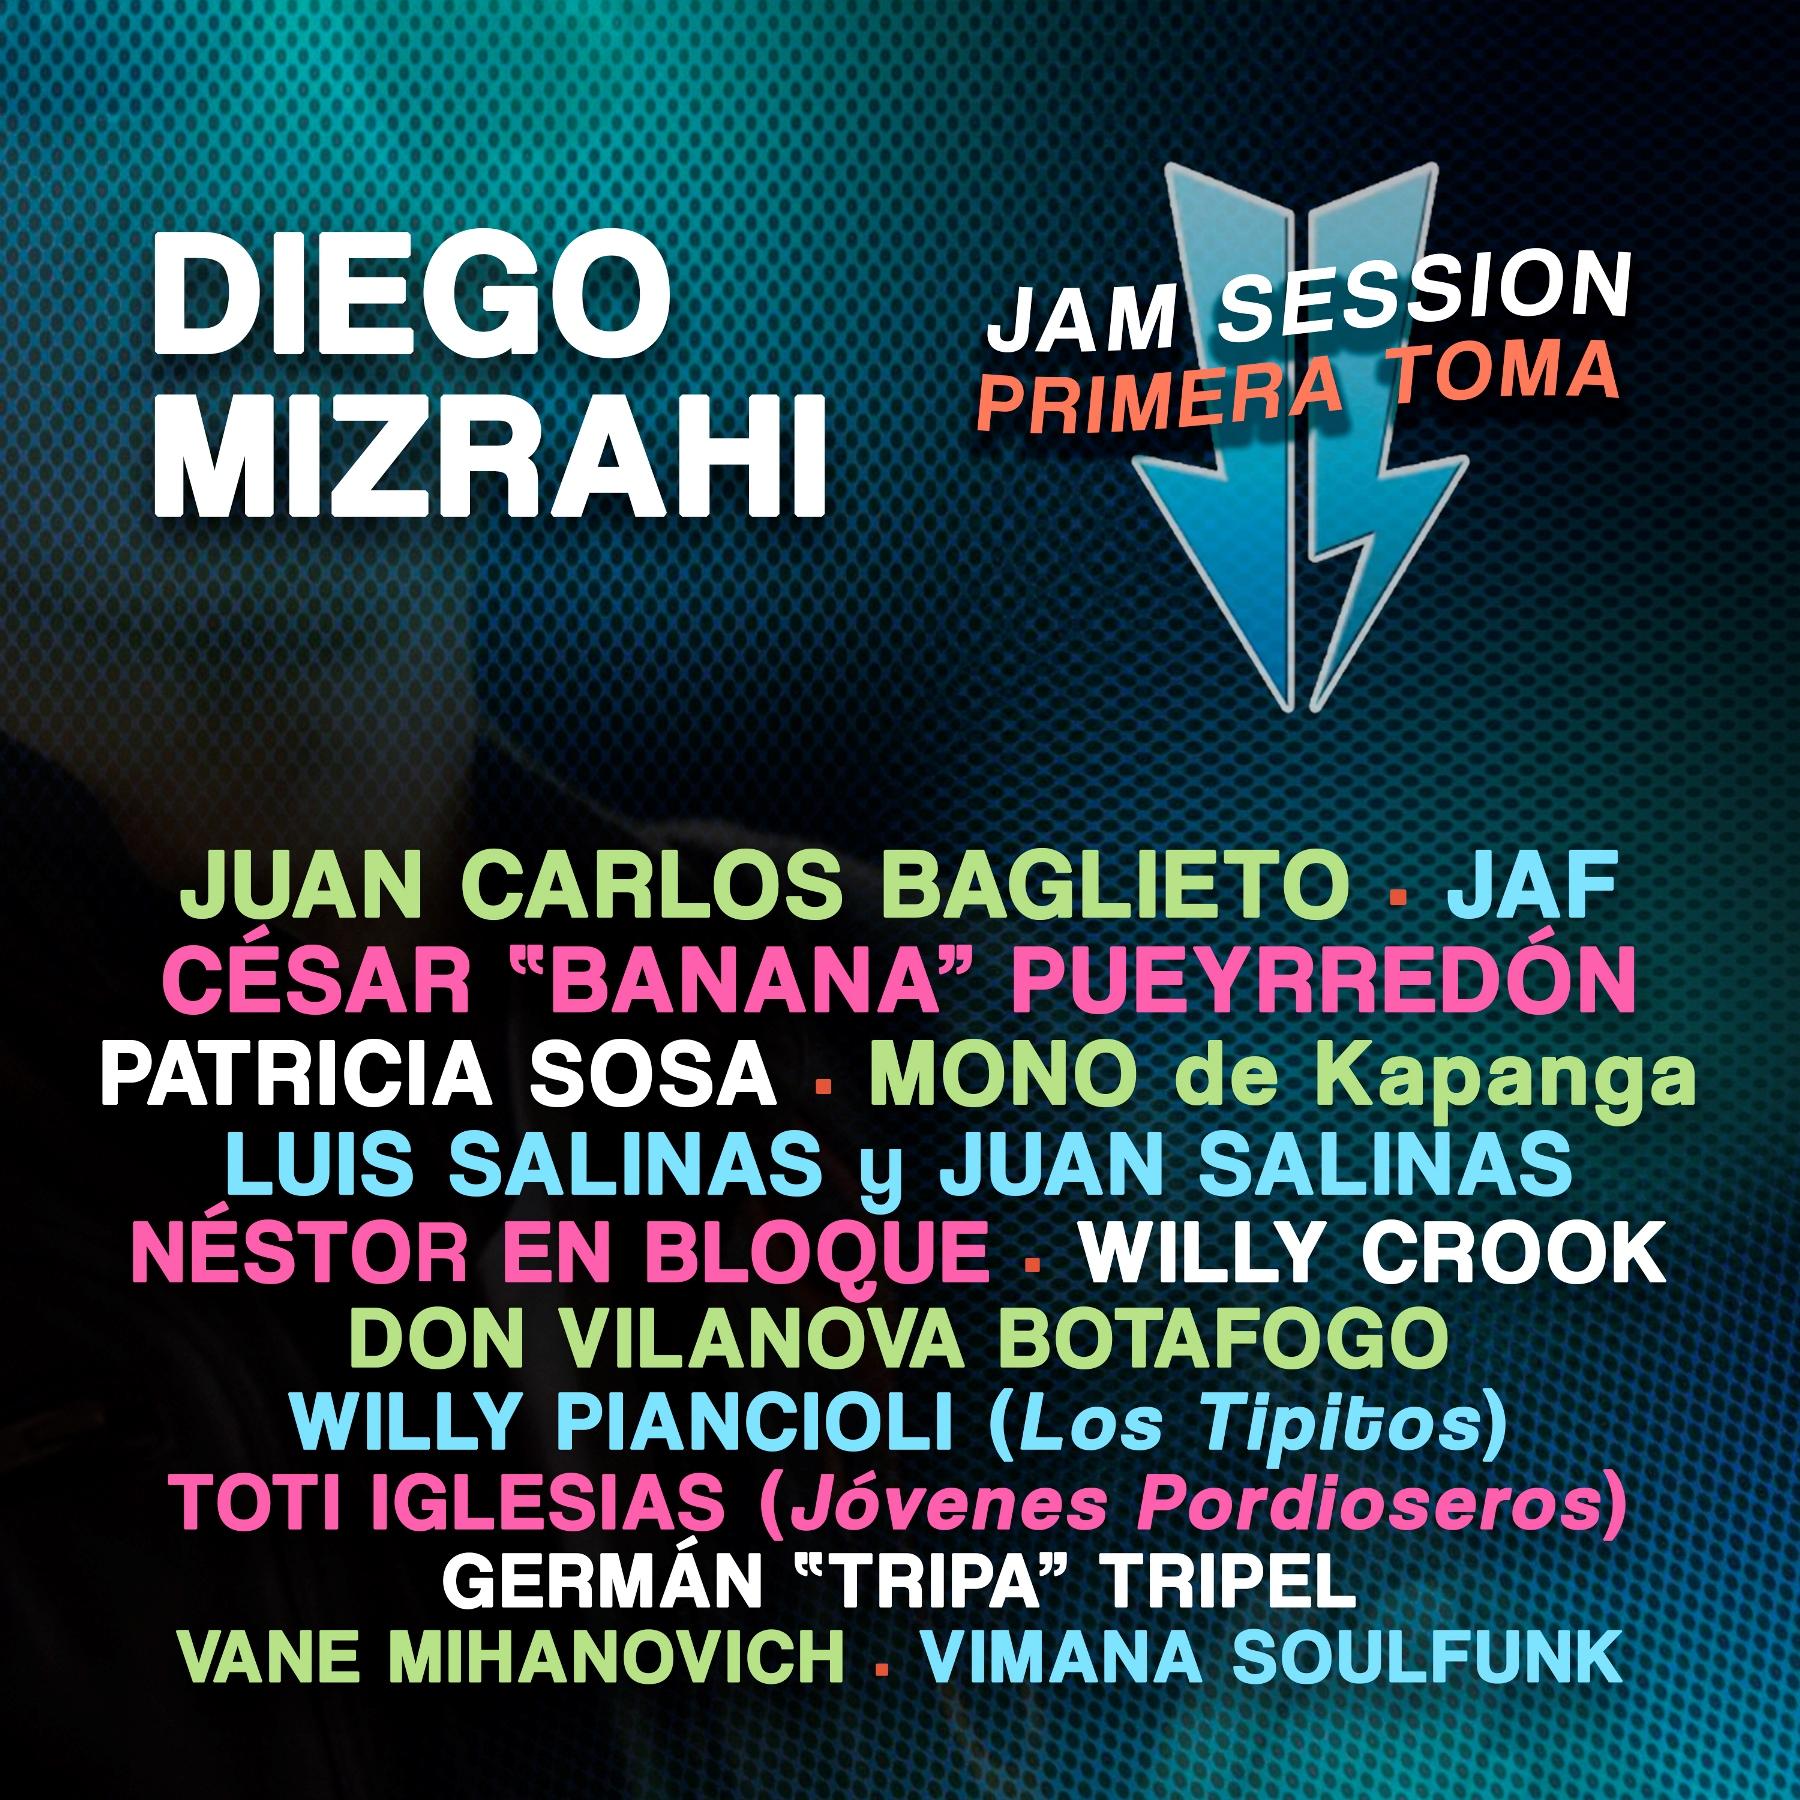 Diego Mizrahi presenta su nuevo disco Primera Toma | Buenos Aires ...